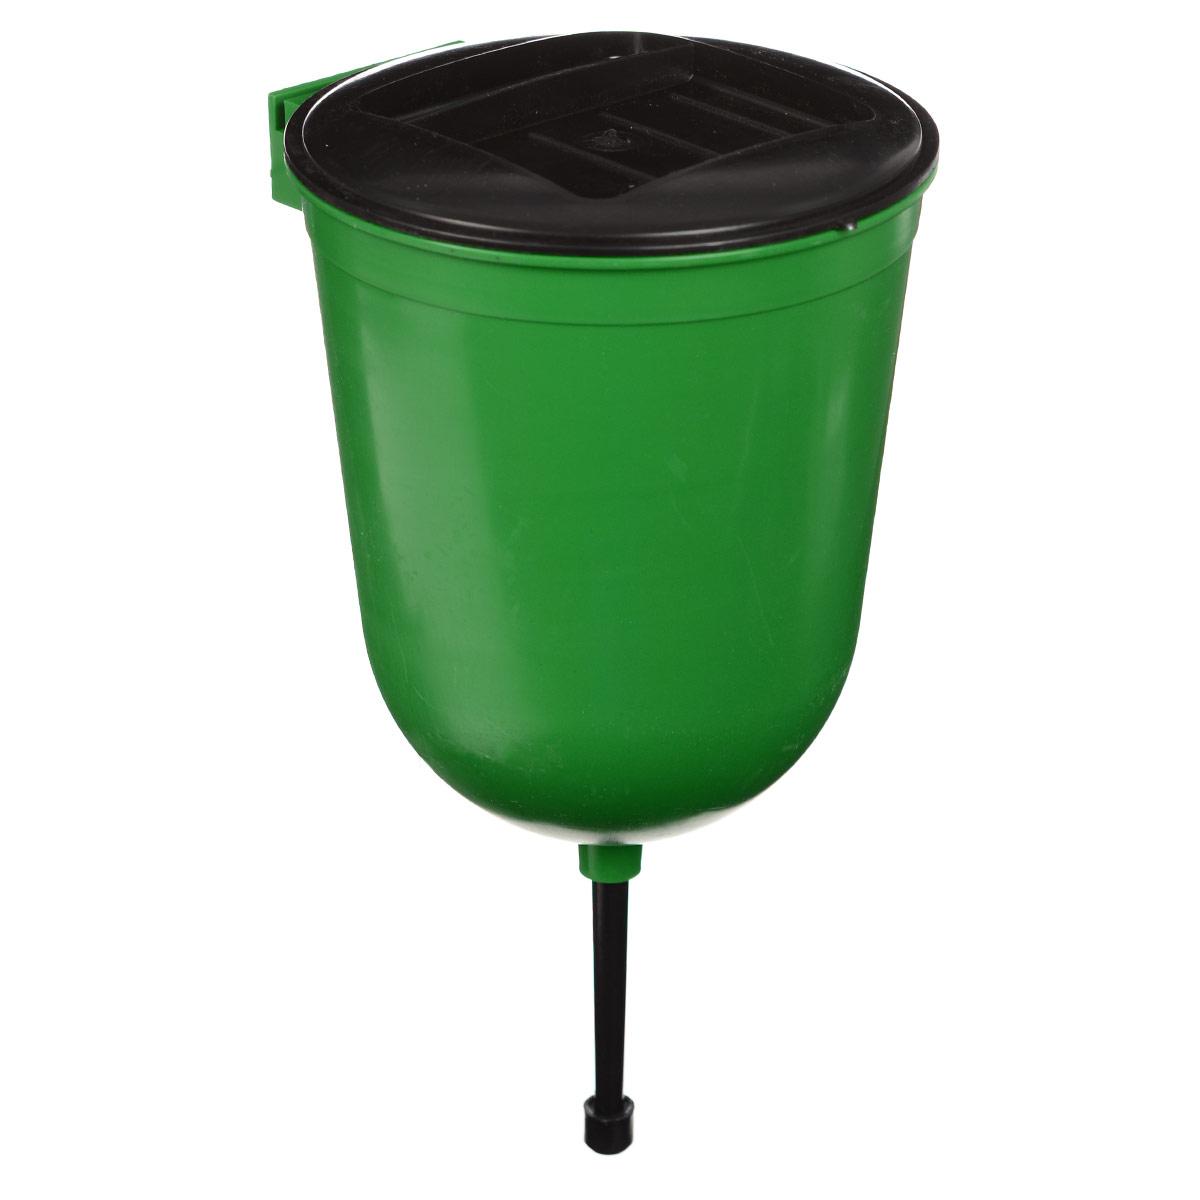 Рукомойник Калита, цвет: зеленый, черный, 3 л77383_зеленыйРукомойник Калита изготовлен из пластика. Он предназначен для умывания в саду или на даче. Яркий и красочный, он отлично впишется в окружающую обстановку. Петли предоставляют вертикальное крепление рукомойника. Изделие оснащено крышкой, которая предотвращает попадание мусора. Также на крышке имеется выемка для мыла. Рукомойник Калита надежный и удобный в использовании.